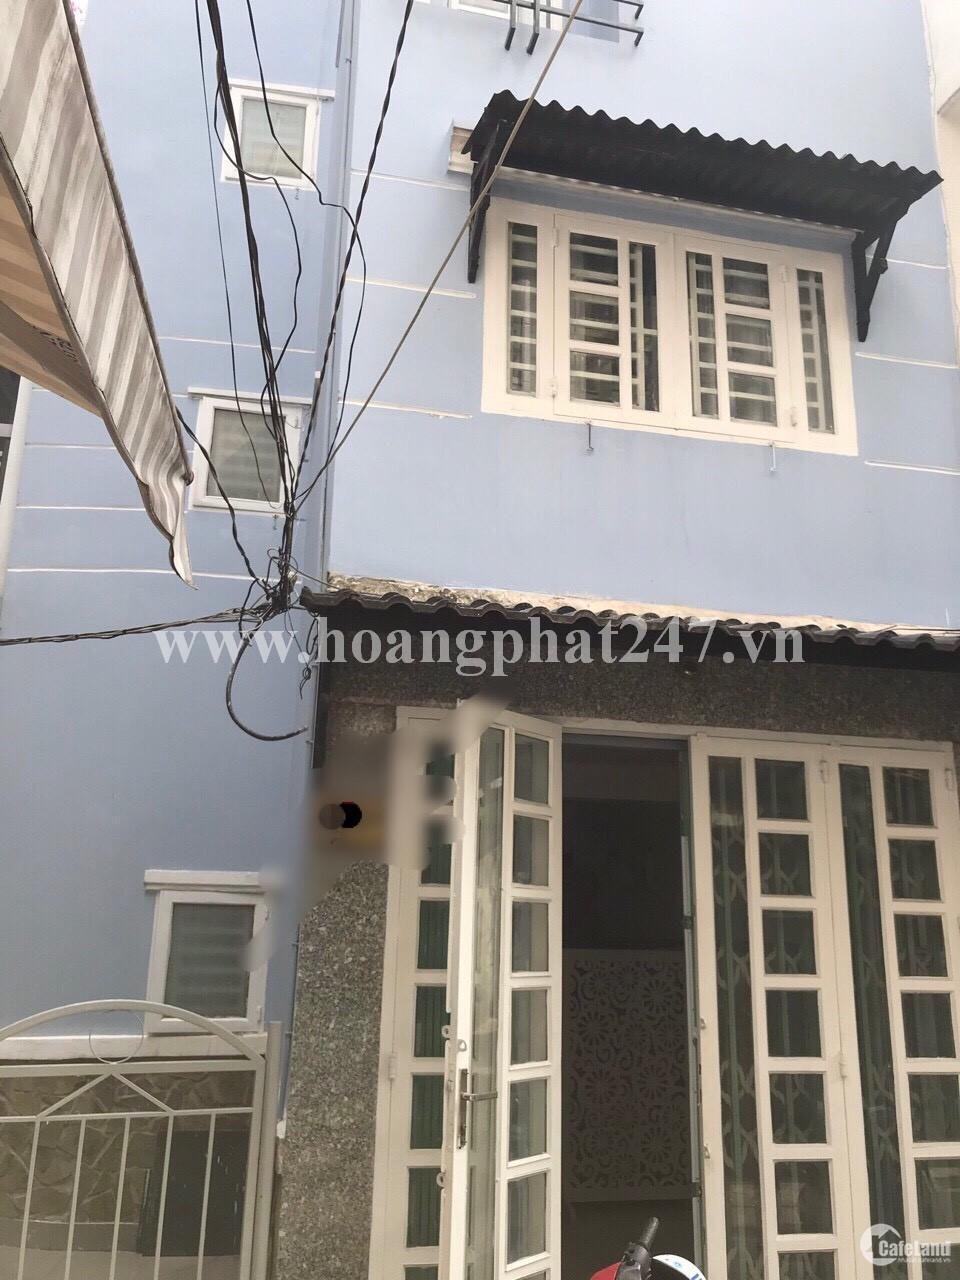 Bán nhà hẻm 1 trục Nguyễn Thượng Hiền, P5, PN, 3x7m